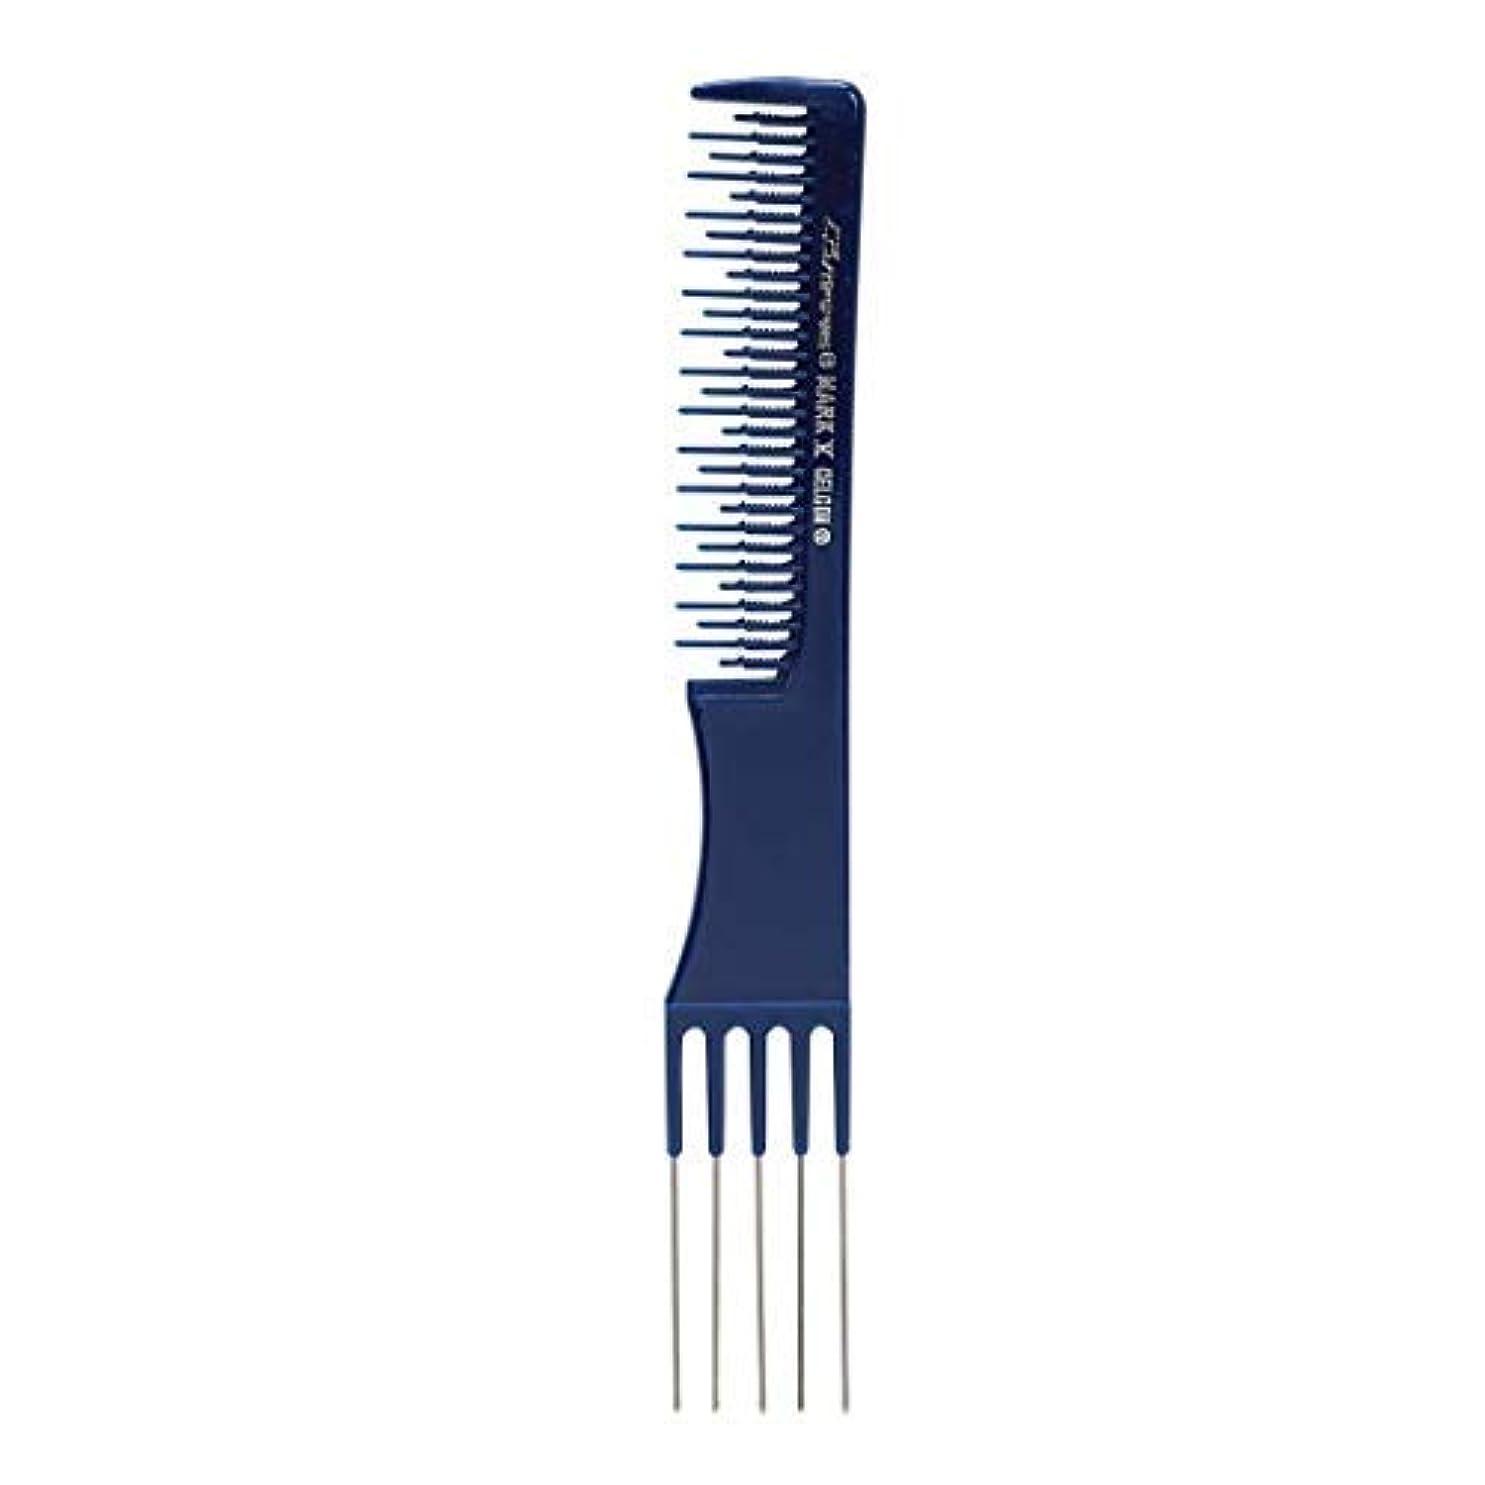 脚本クラブ設計図Comare Mark V Steel Lift Comb [並行輸入品]